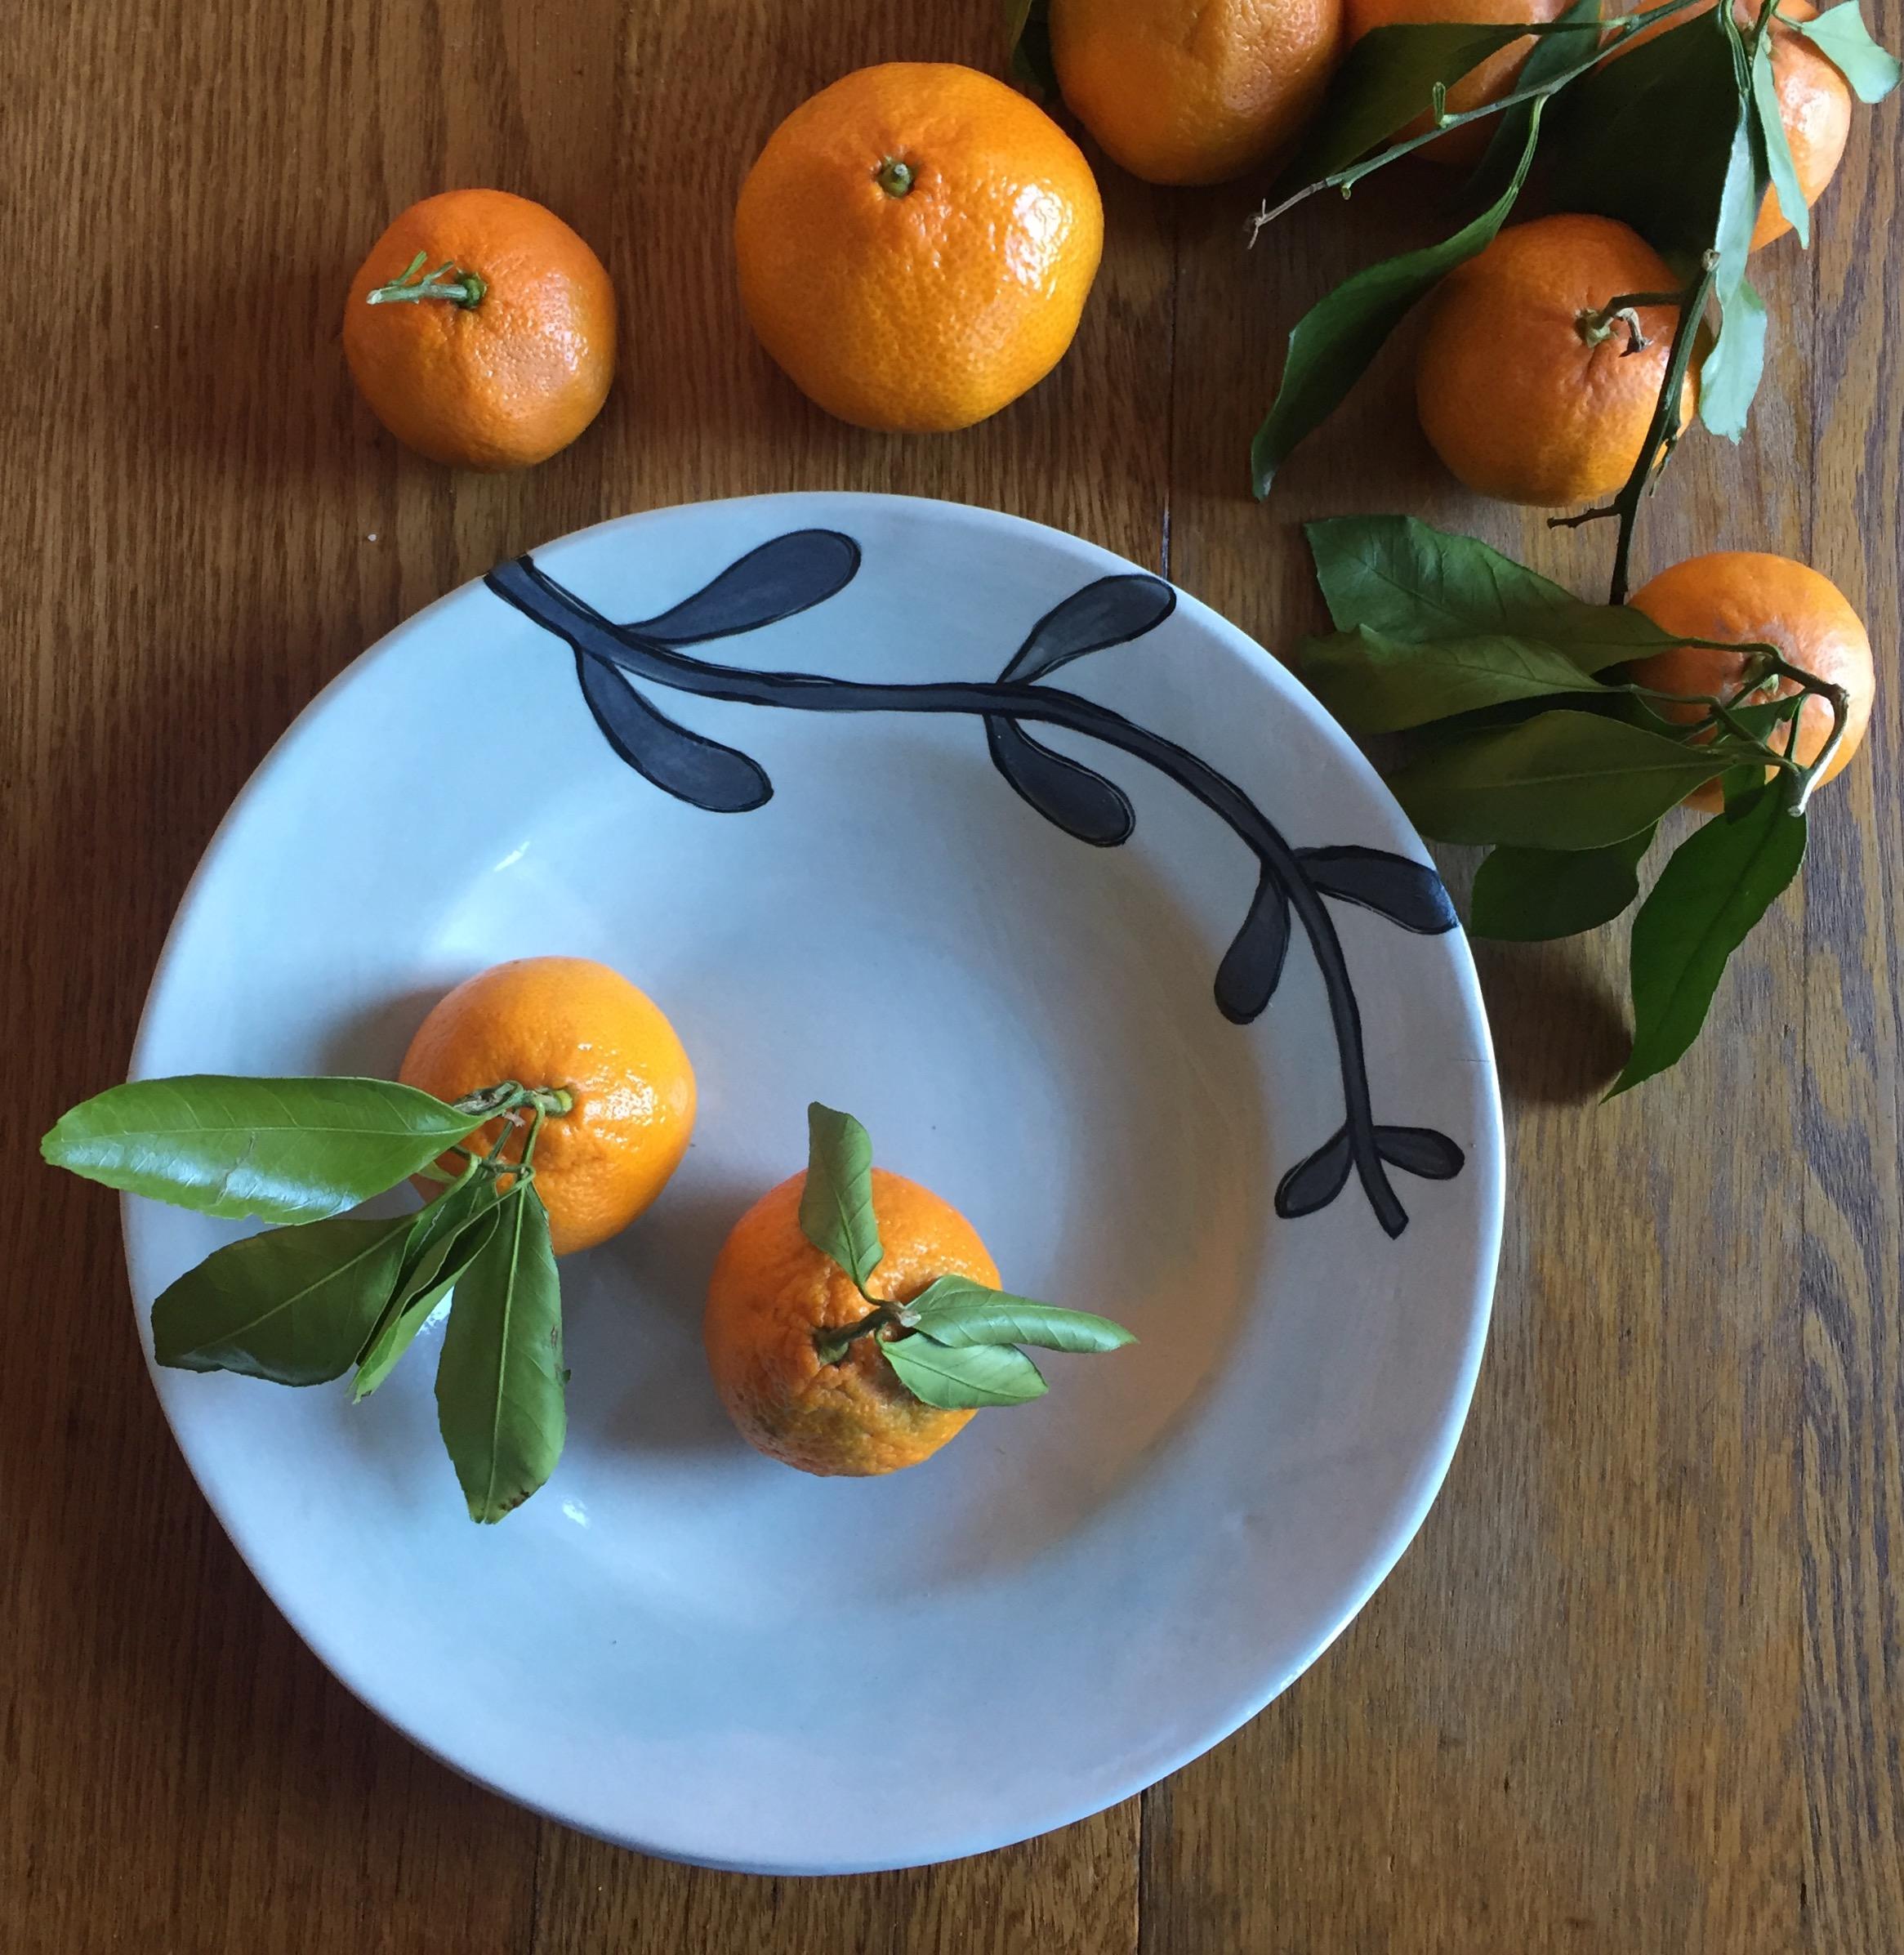 schaffner-bowl-oranges.jpg